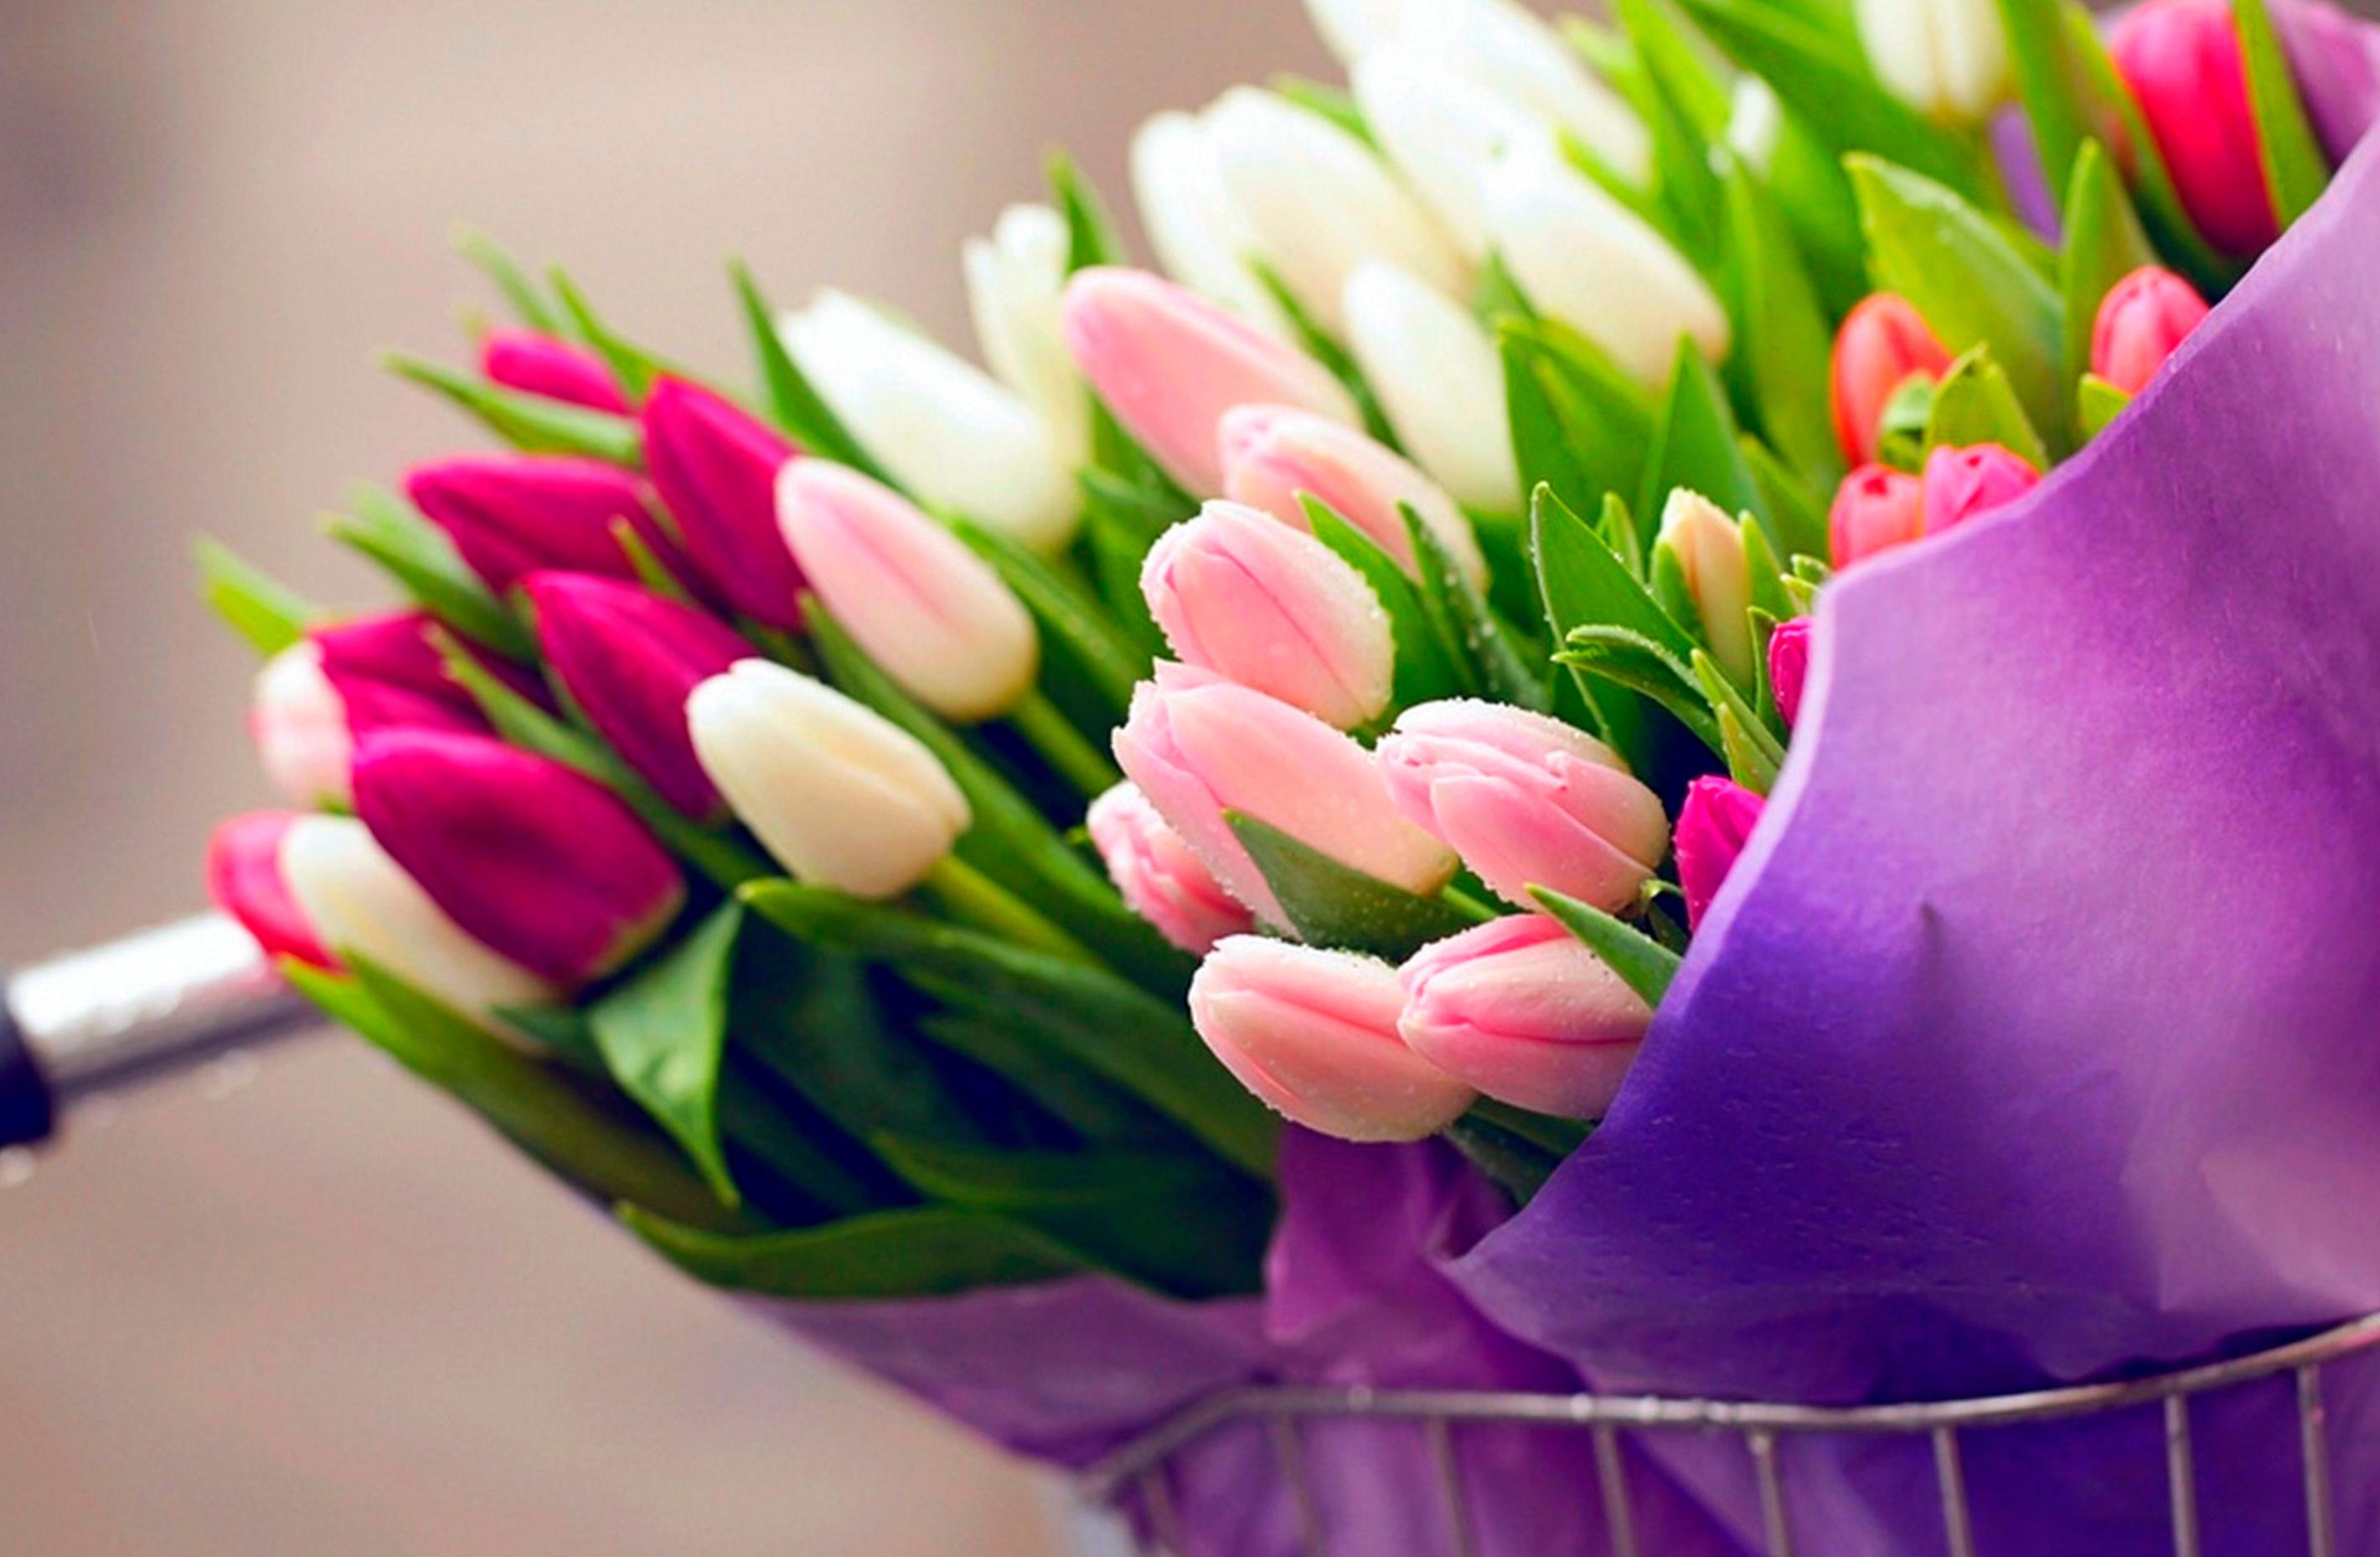 tulip-photo-101